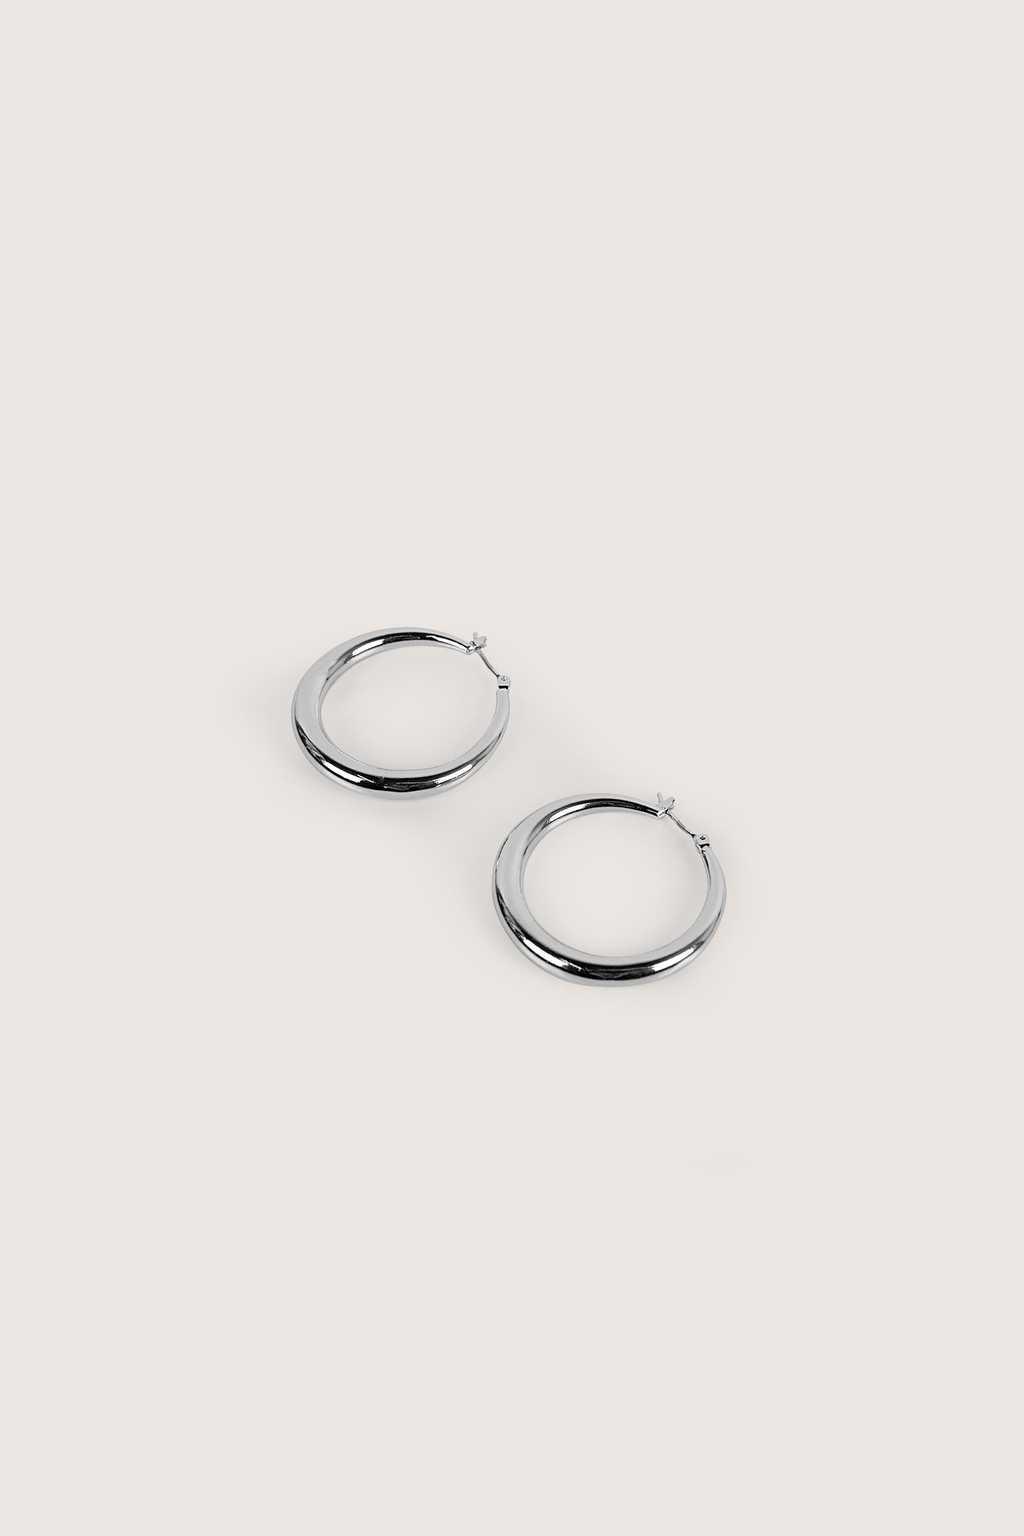 Earring H132 Silver 1